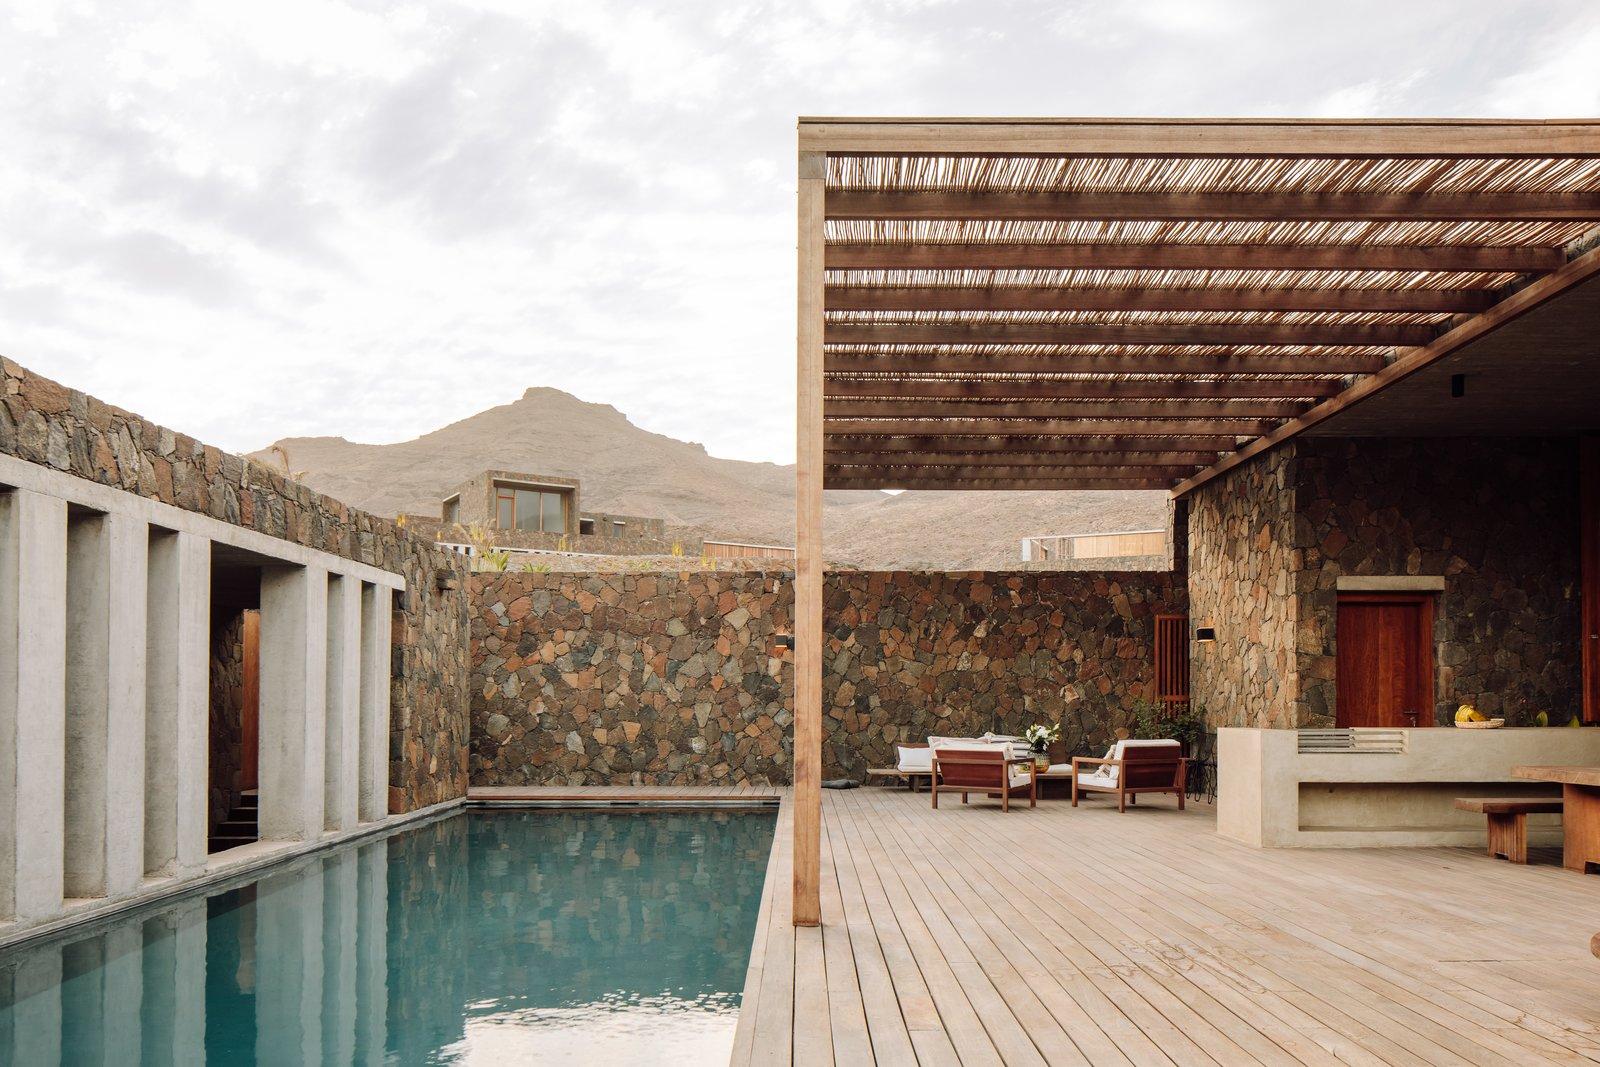 The Esculturas POLO Architects Cabo Verde outdoor